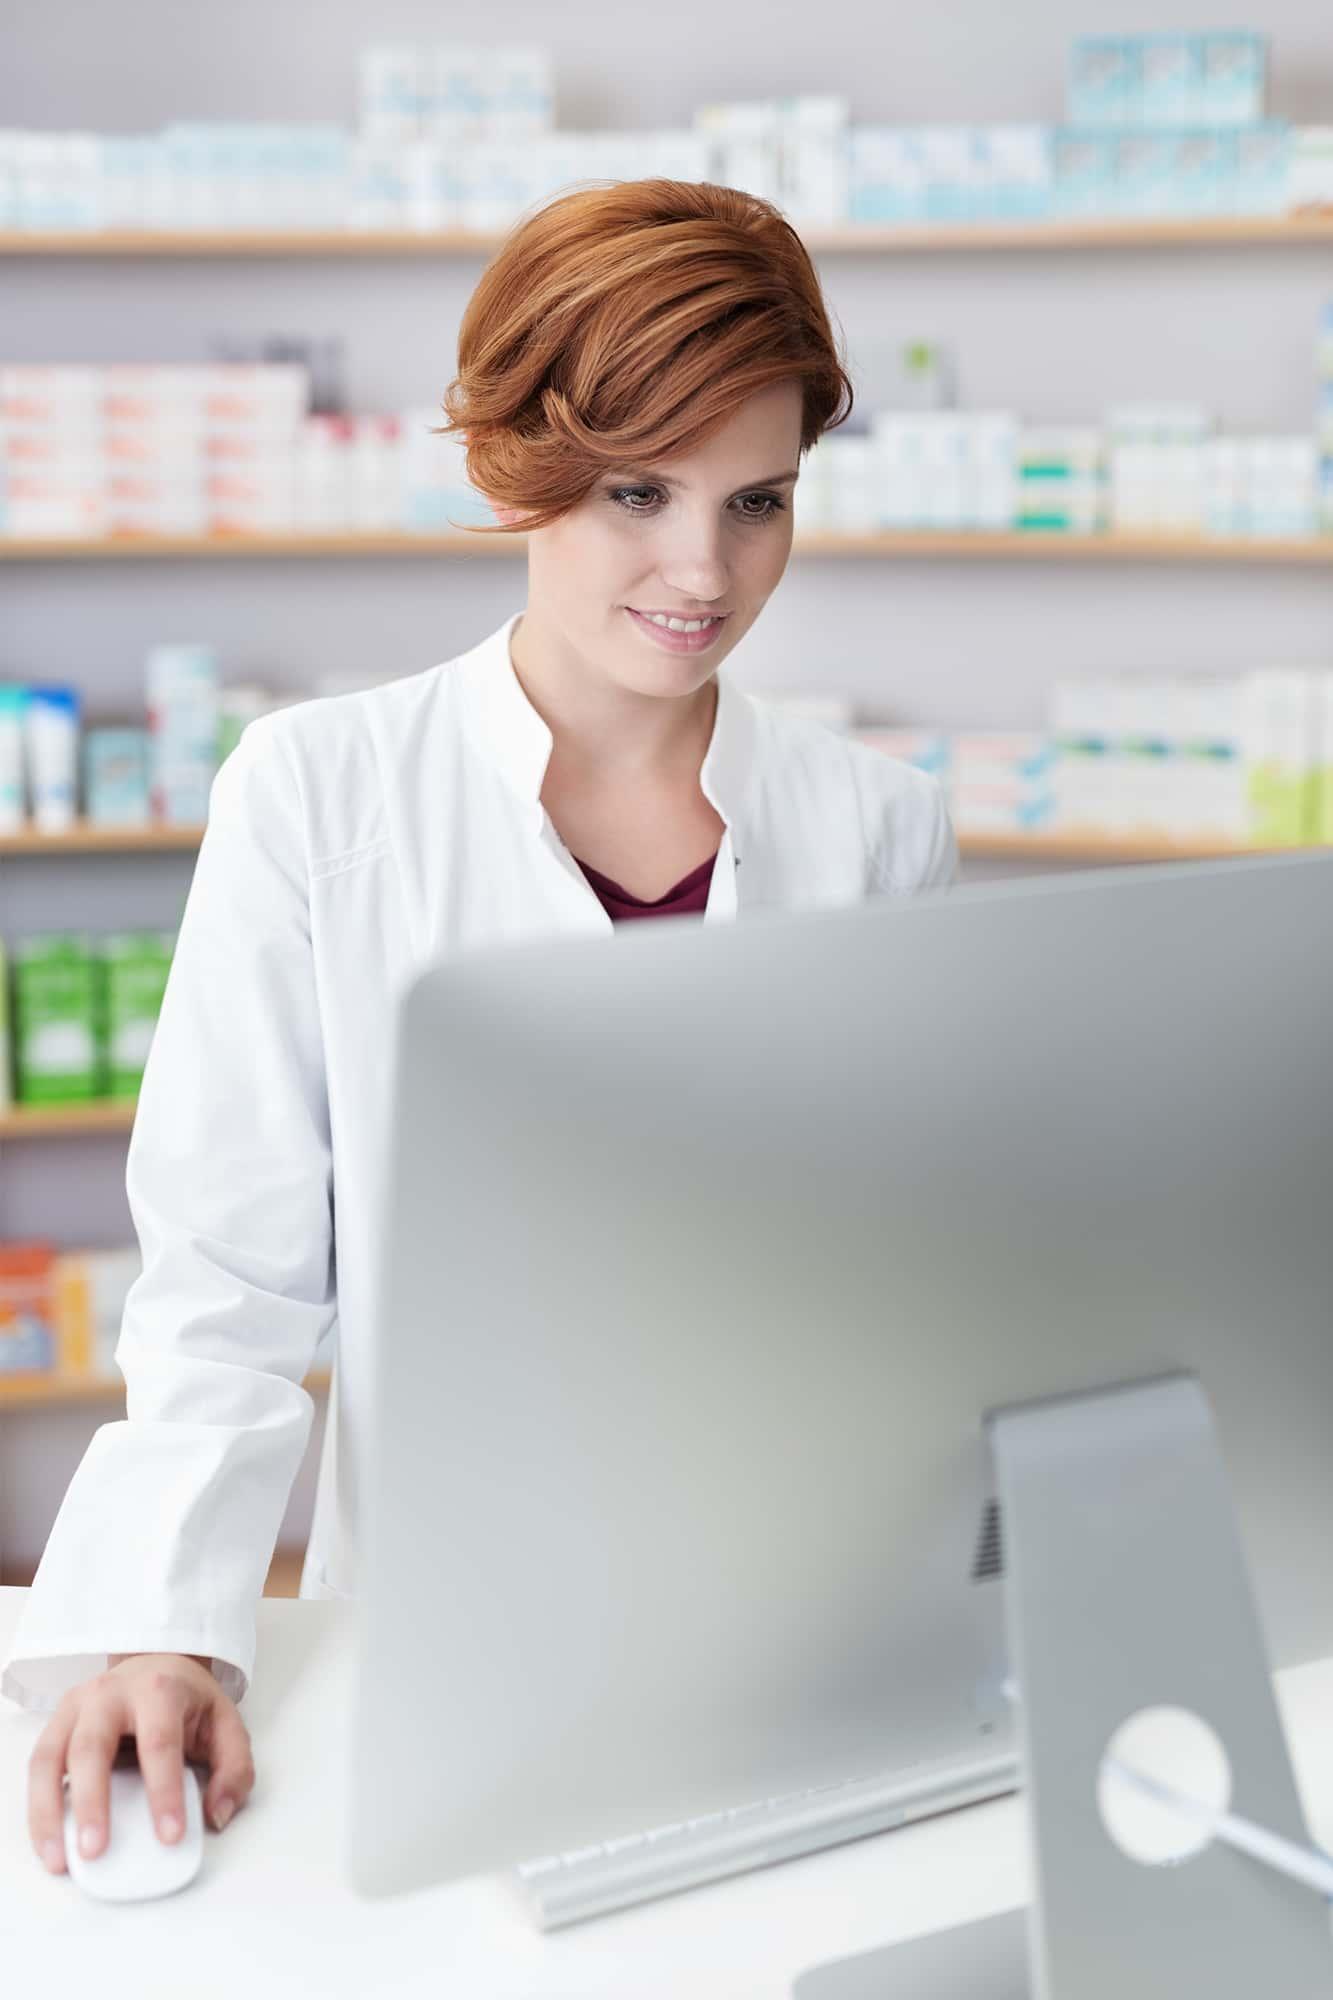 Selezioniamo i migliori prodotti farmaceutici